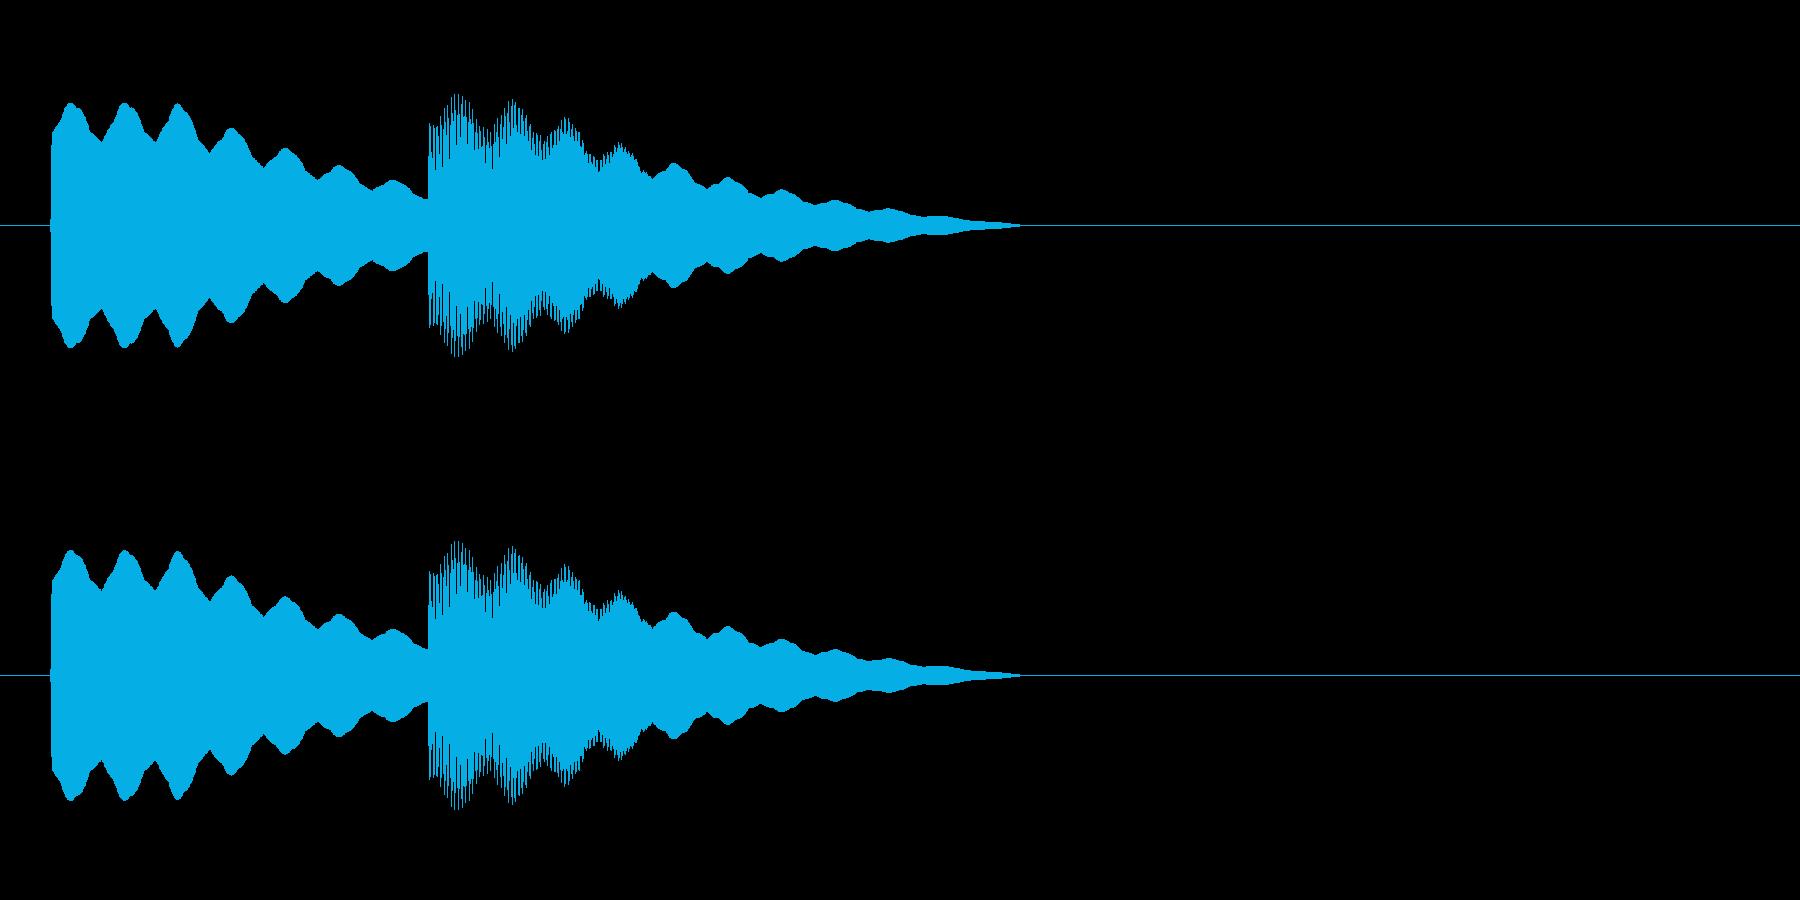 【ドアベル ピンポン01-1】の再生済みの波形